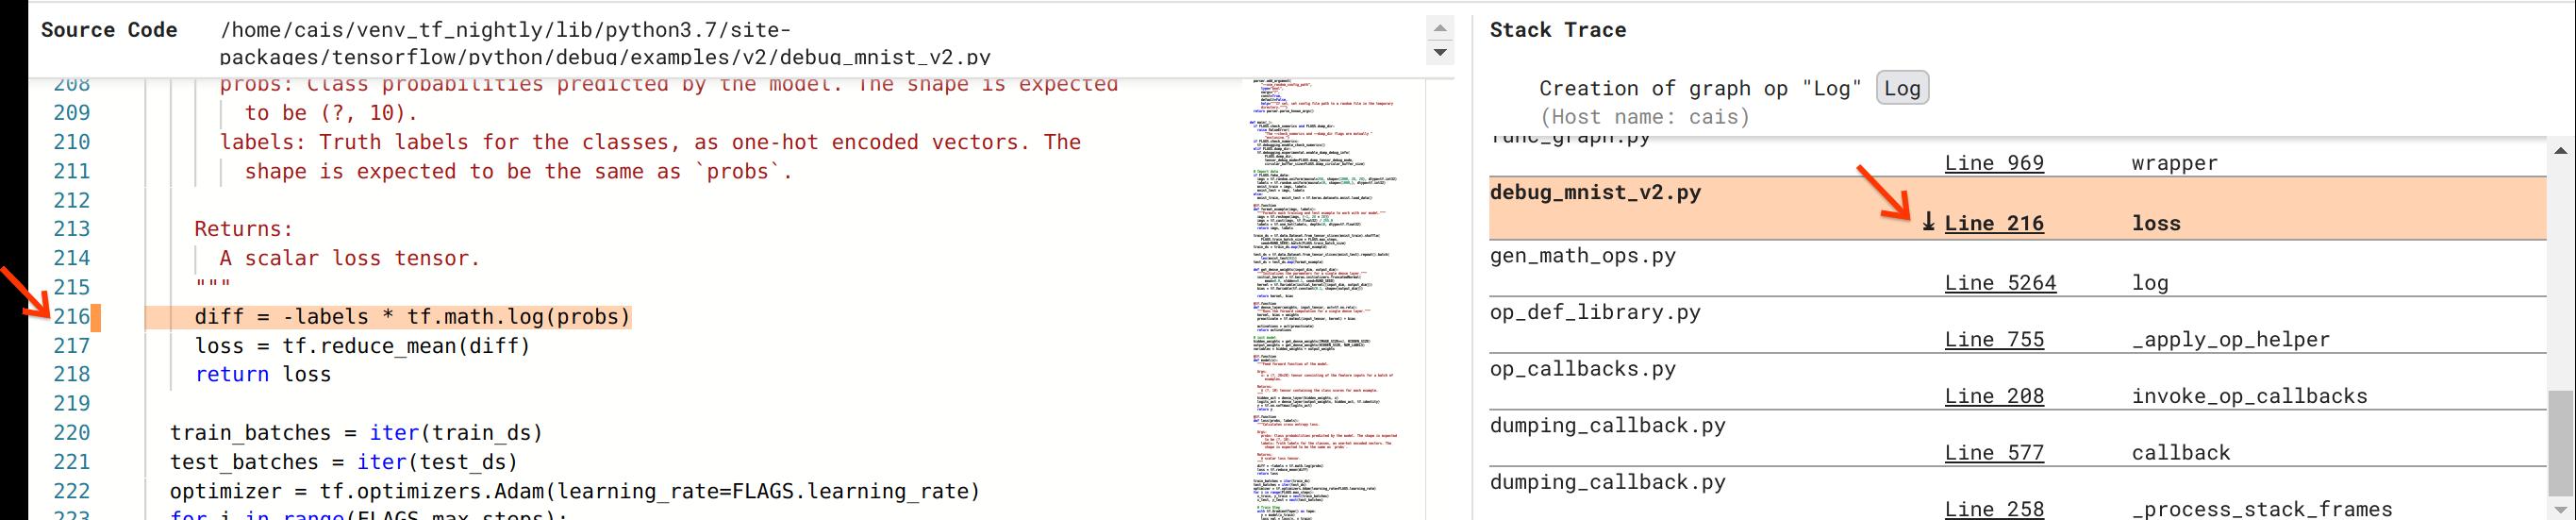 調試器V2:源代碼和堆棧跟踪